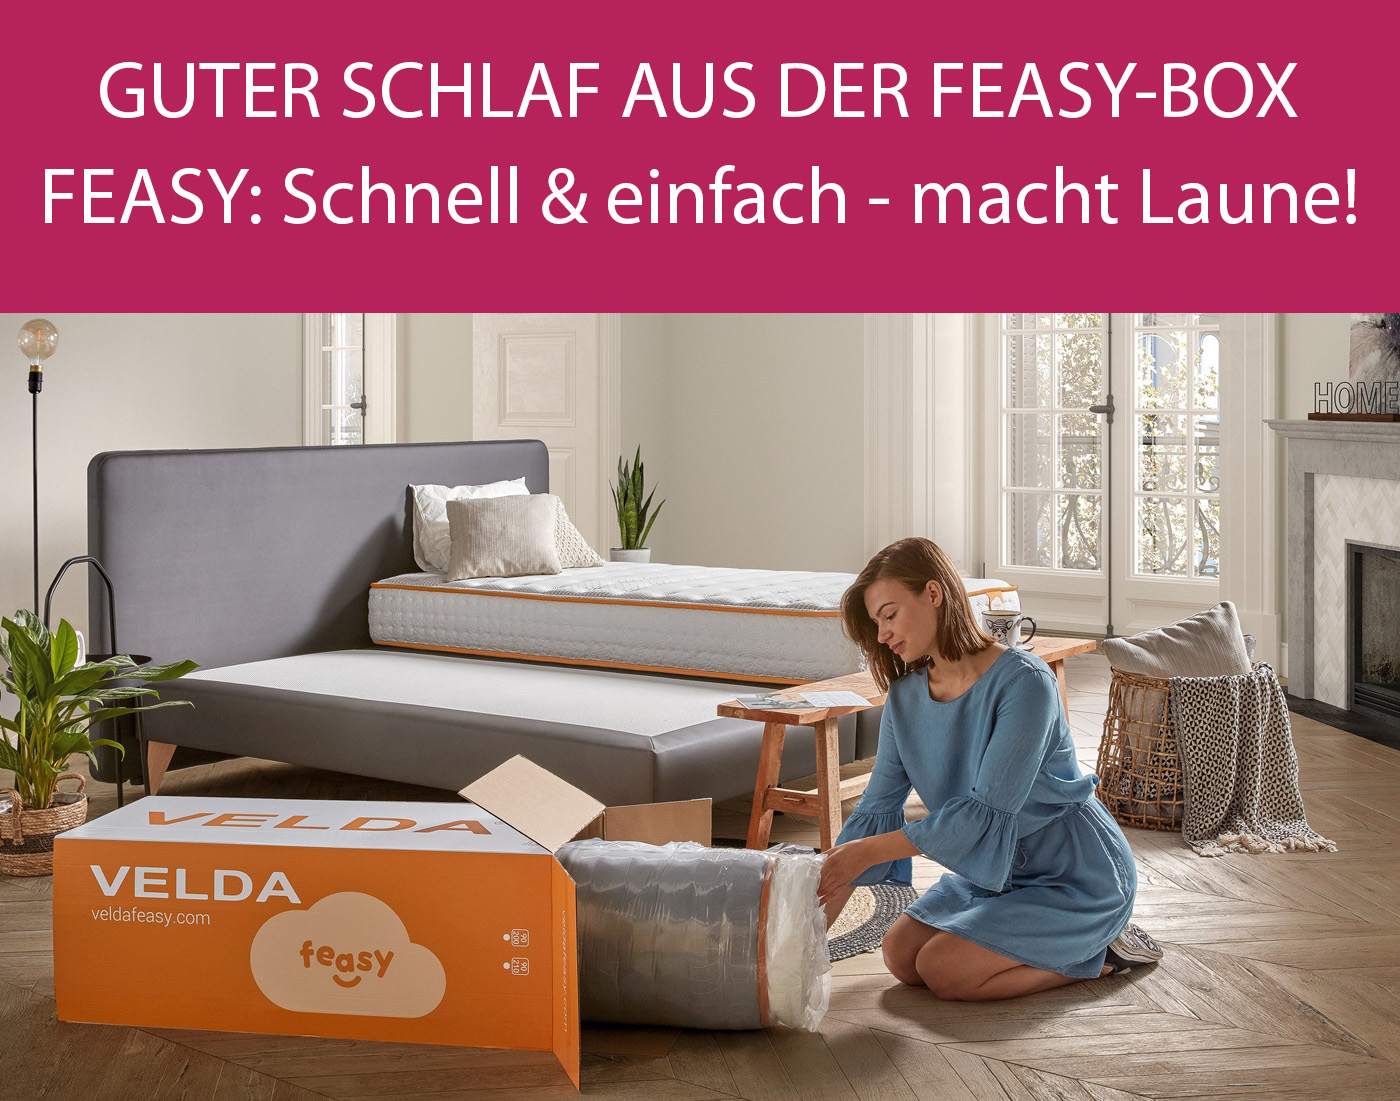 Guter Schlaf aus der VELDA FEASY-Box - FEASY: schnell & einfach - und macht Laune